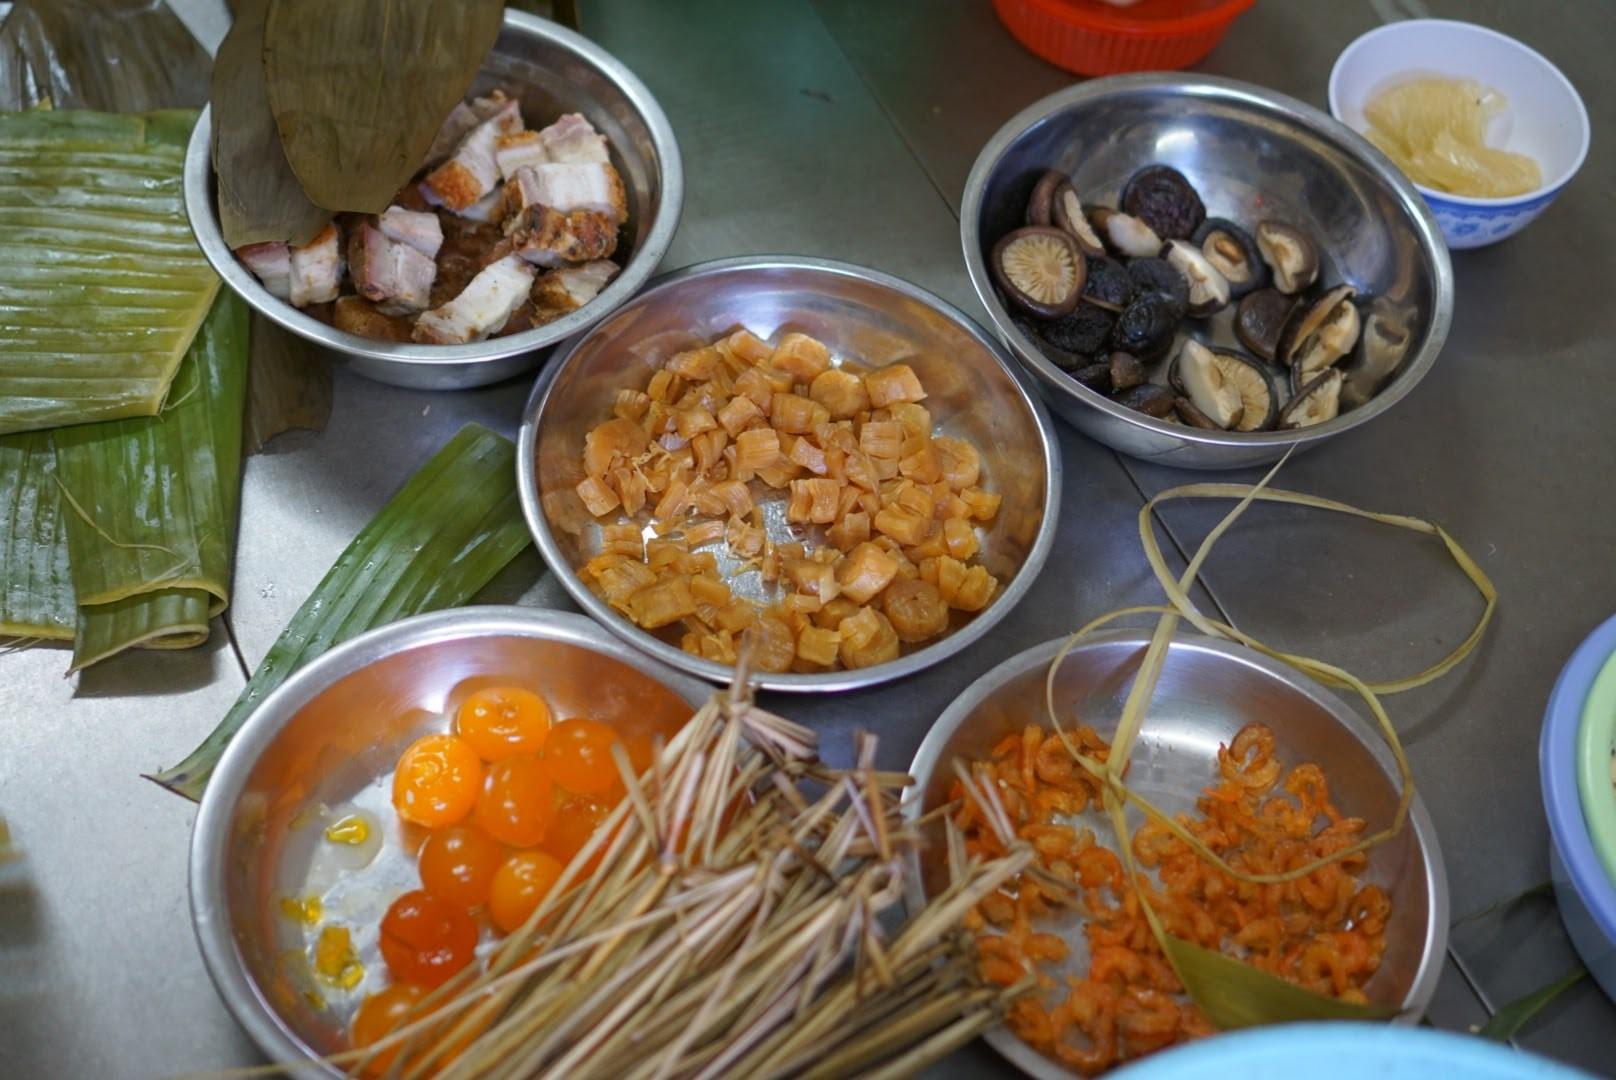 Bánh ú bá trạng - tinh hoa ẩm thực người Hoa vào dịp Tết Đoan Ngọ  - Ảnh 3.